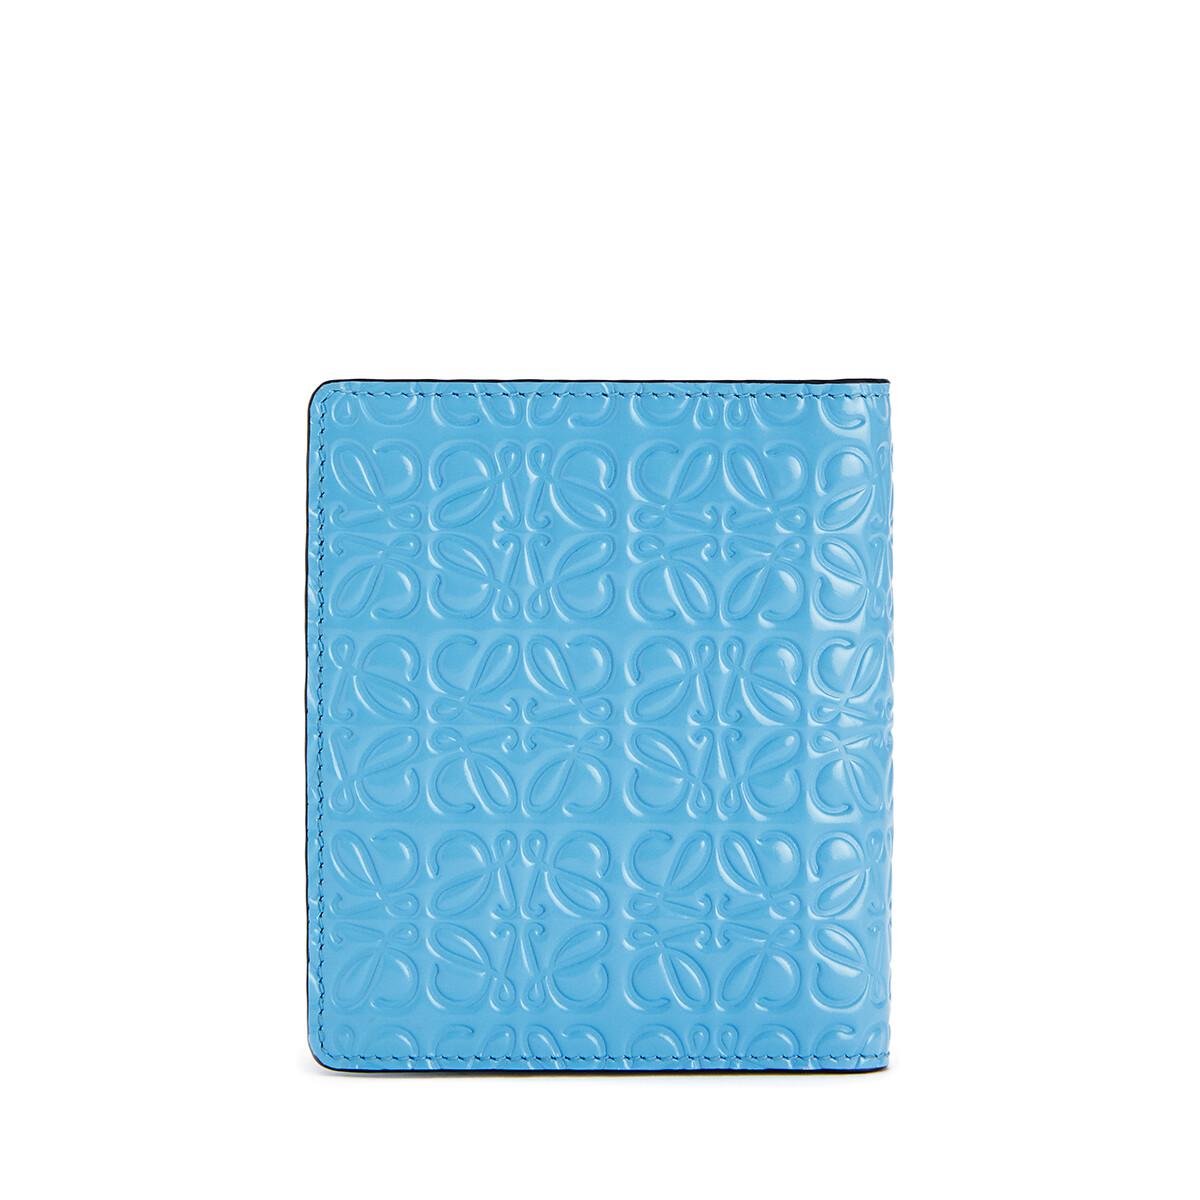 LOEWE Compact Zip Wallet Sky Blue front